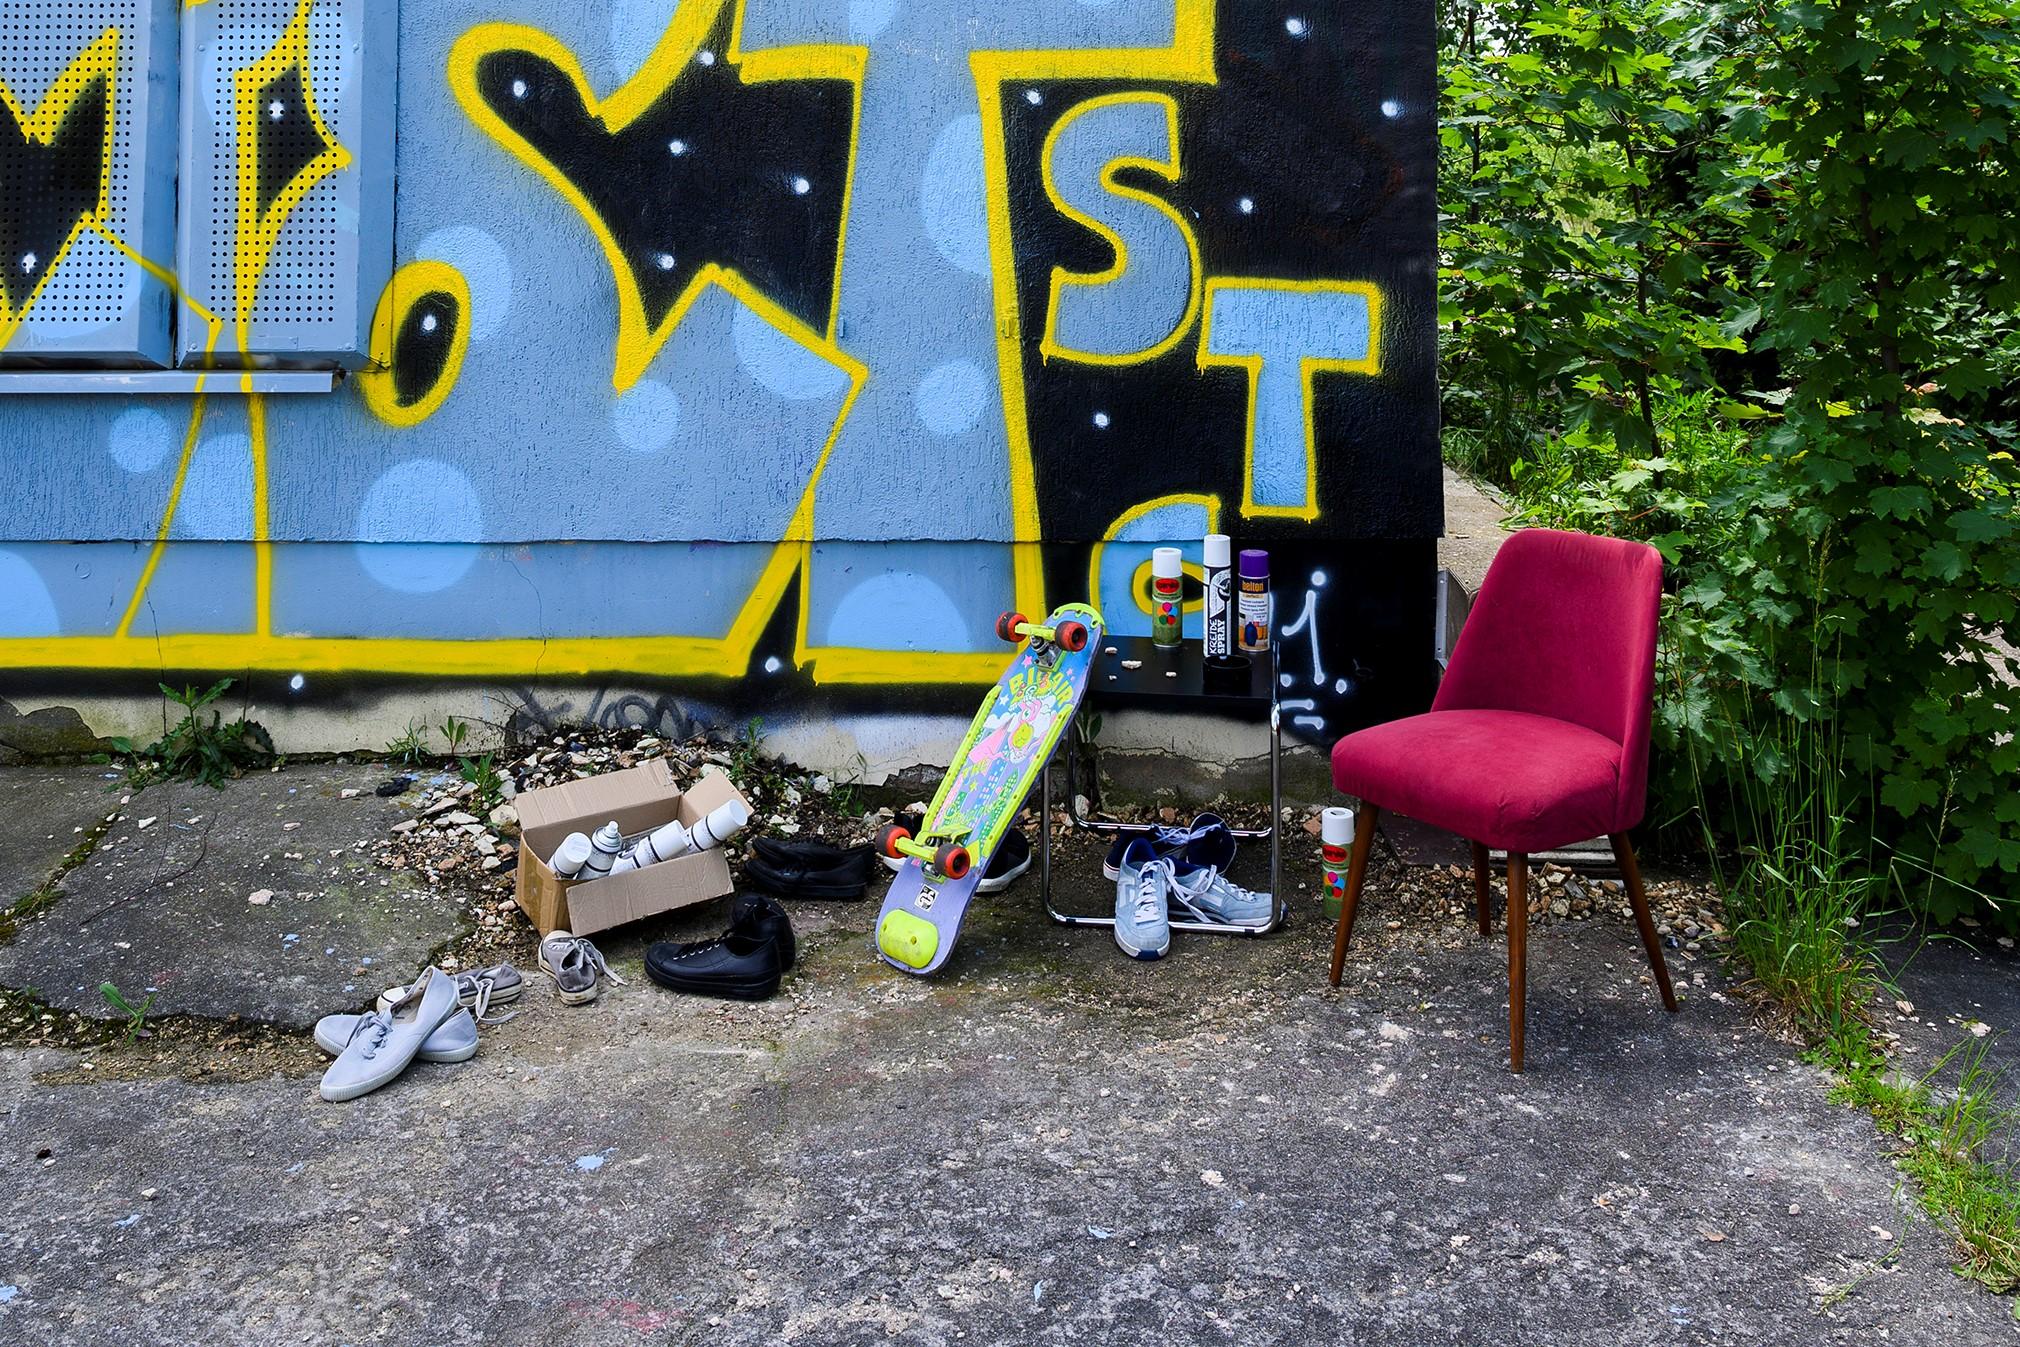 Roter Stuhl, Skateboard, diverse Schuhe und Spraydosen vor blau-gelb besprühter Hauswand.